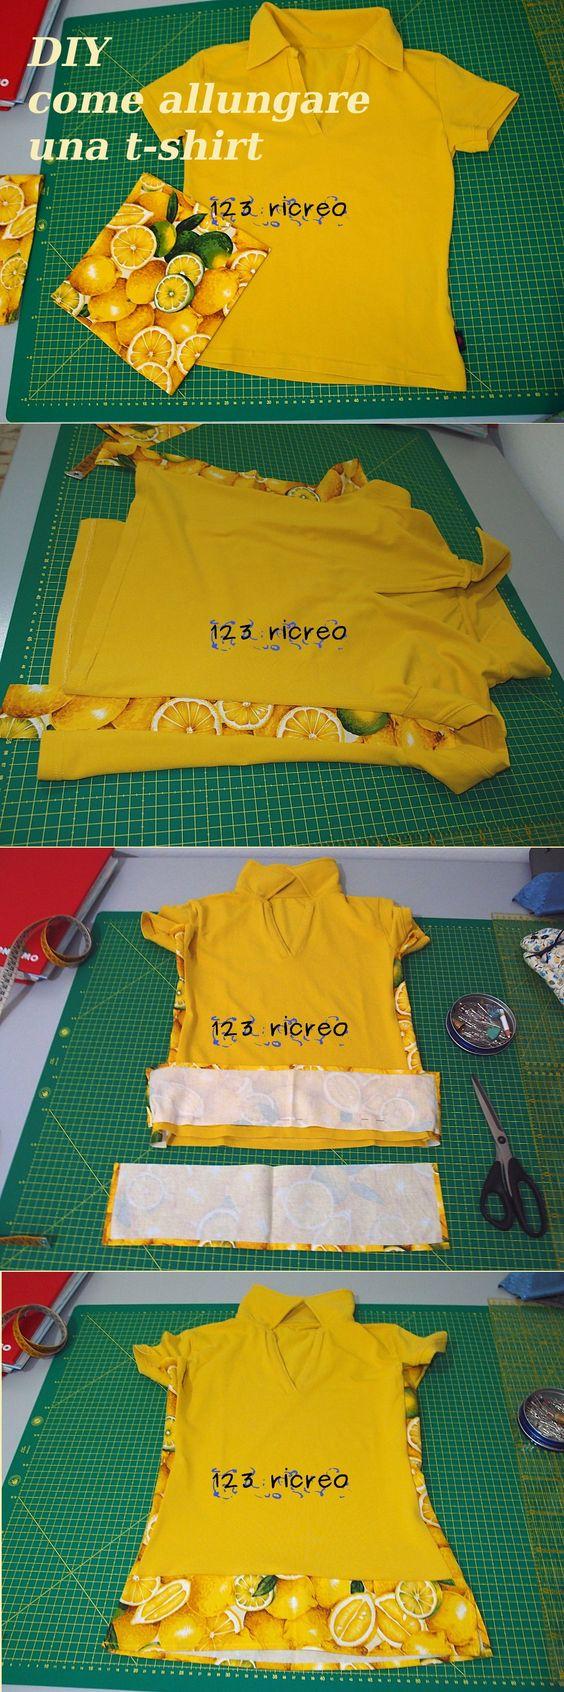 DIY come allungare una maglia